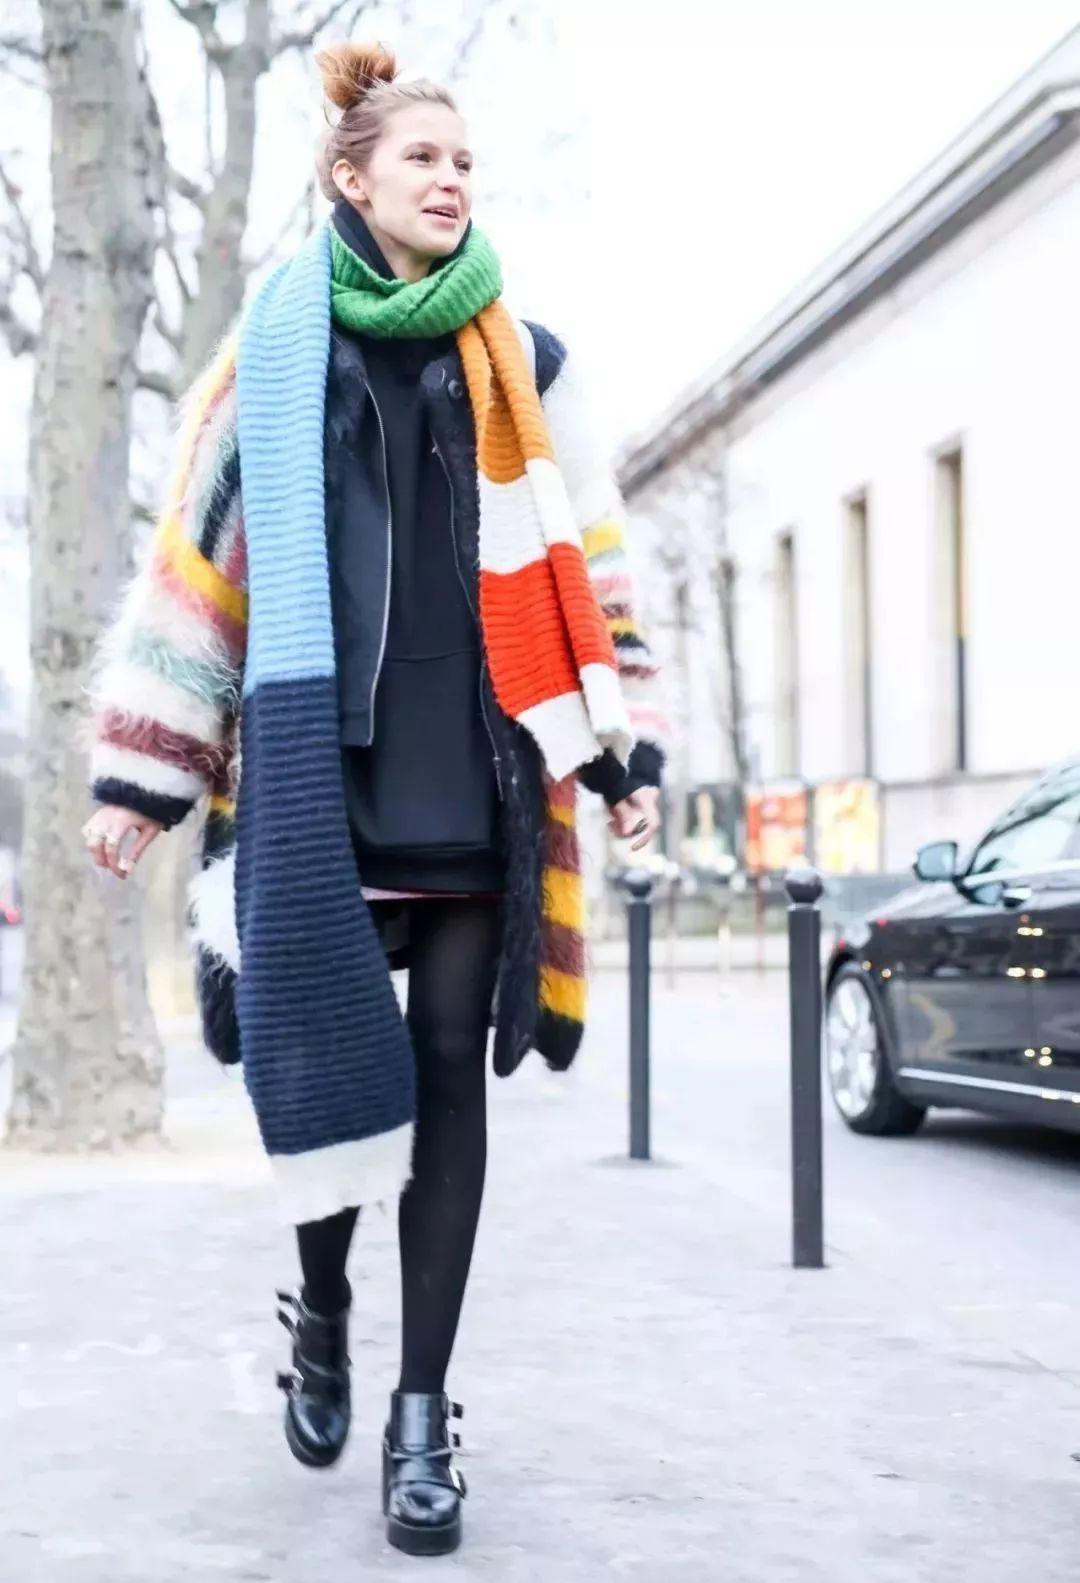 请问套头围巾的围法有哪些?